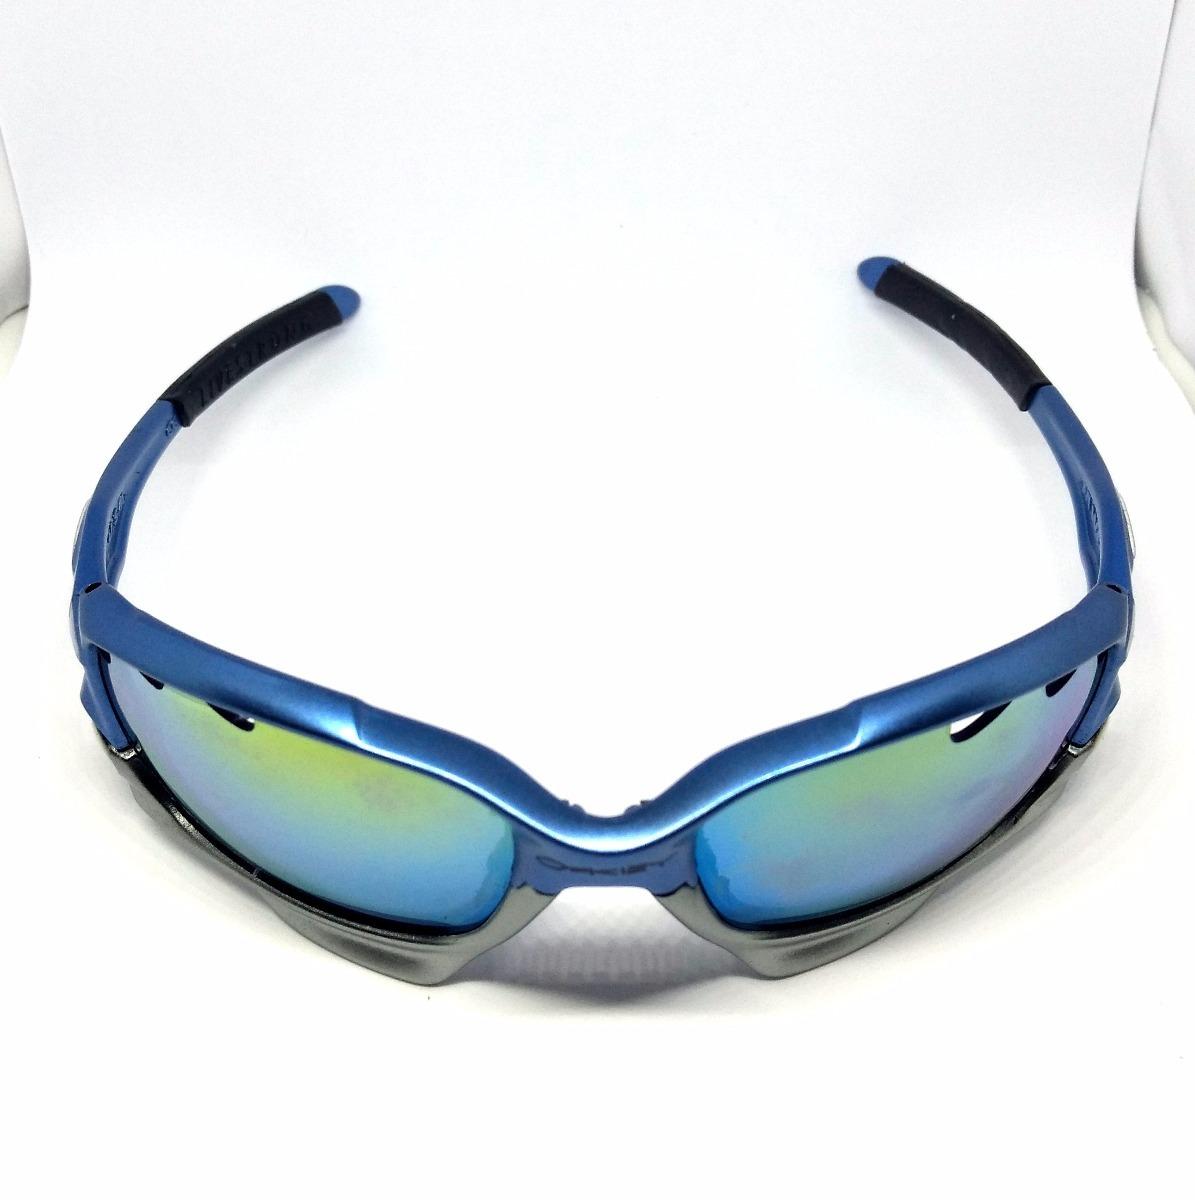 fb476236d9945 oculos visao noturna original - caça - pesca - ciclismo. Carregando zoom.